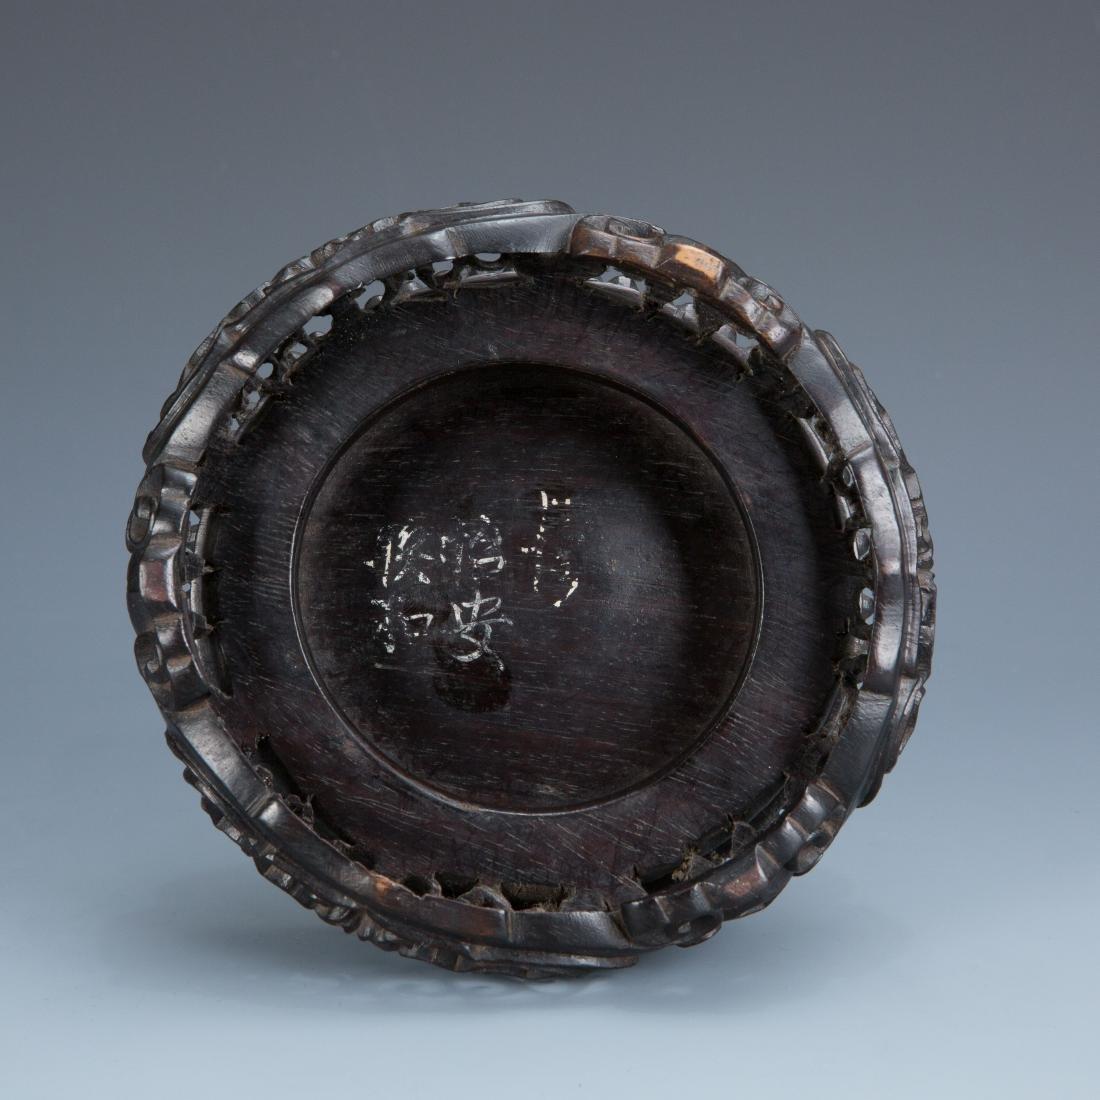 Cloisonne Enamel Vase and wood base with mark - 8